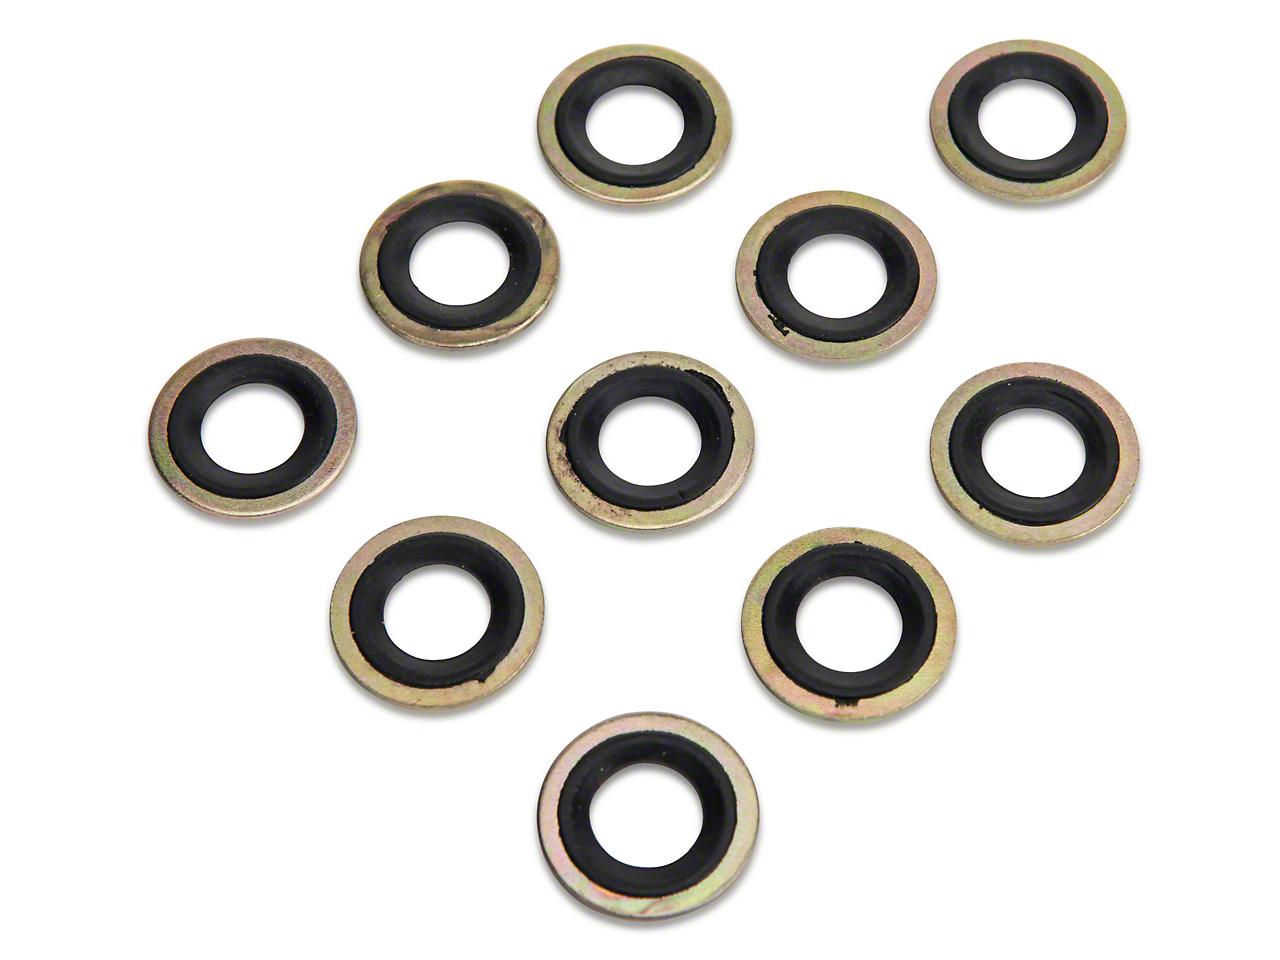 OPR Metal/Rubber Oil Drain Plug Gasket - 10 Pack (79-97 All)